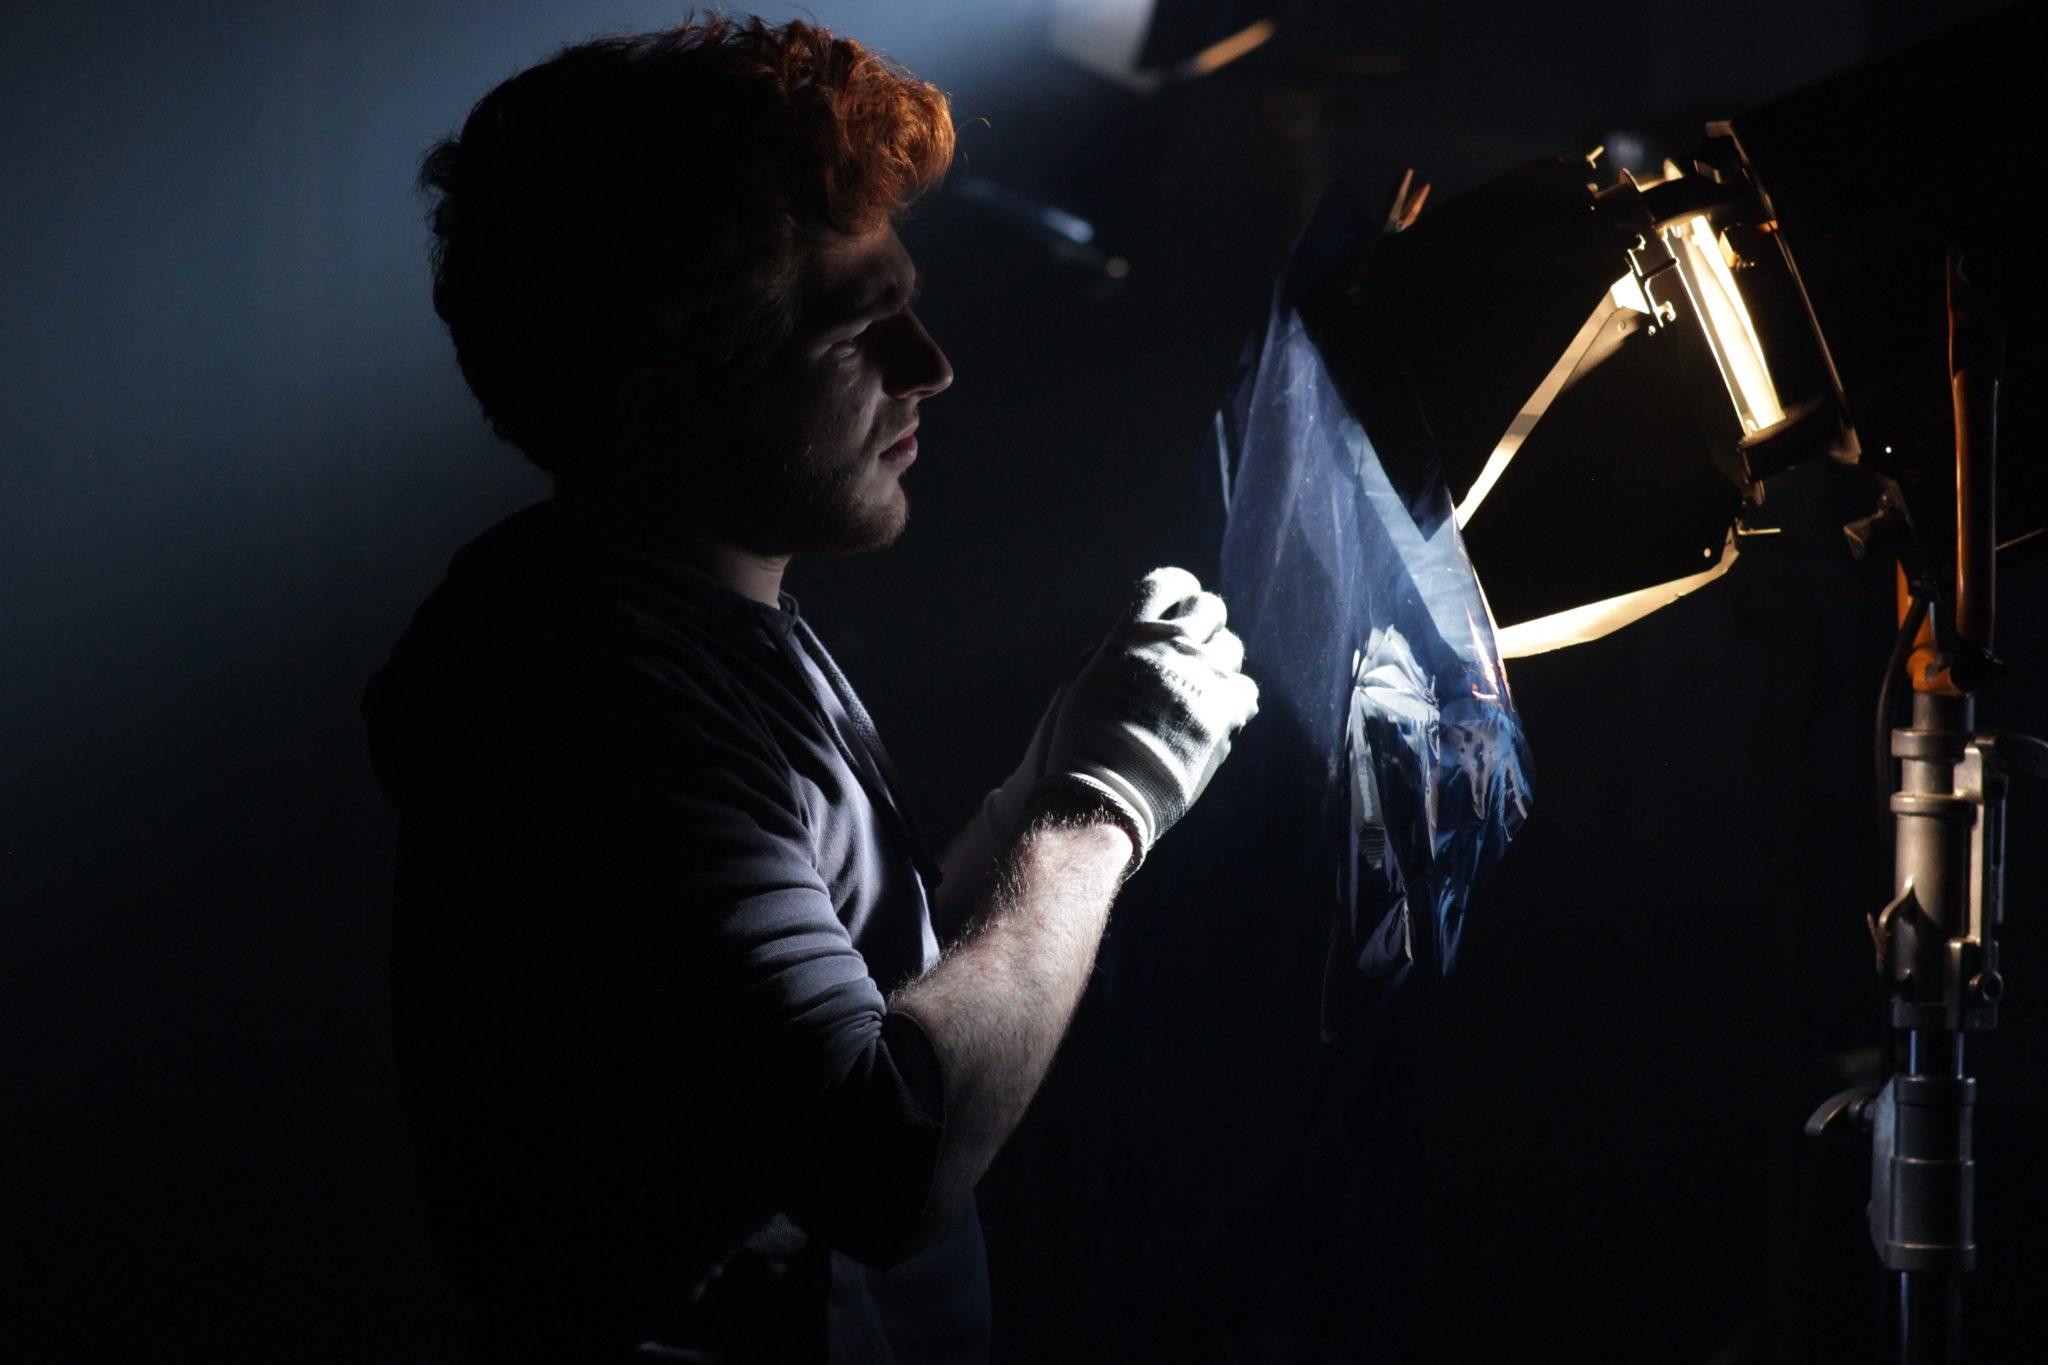 Un tecnico delle luci, professione per cui ci si forma nelle scuole di cinema